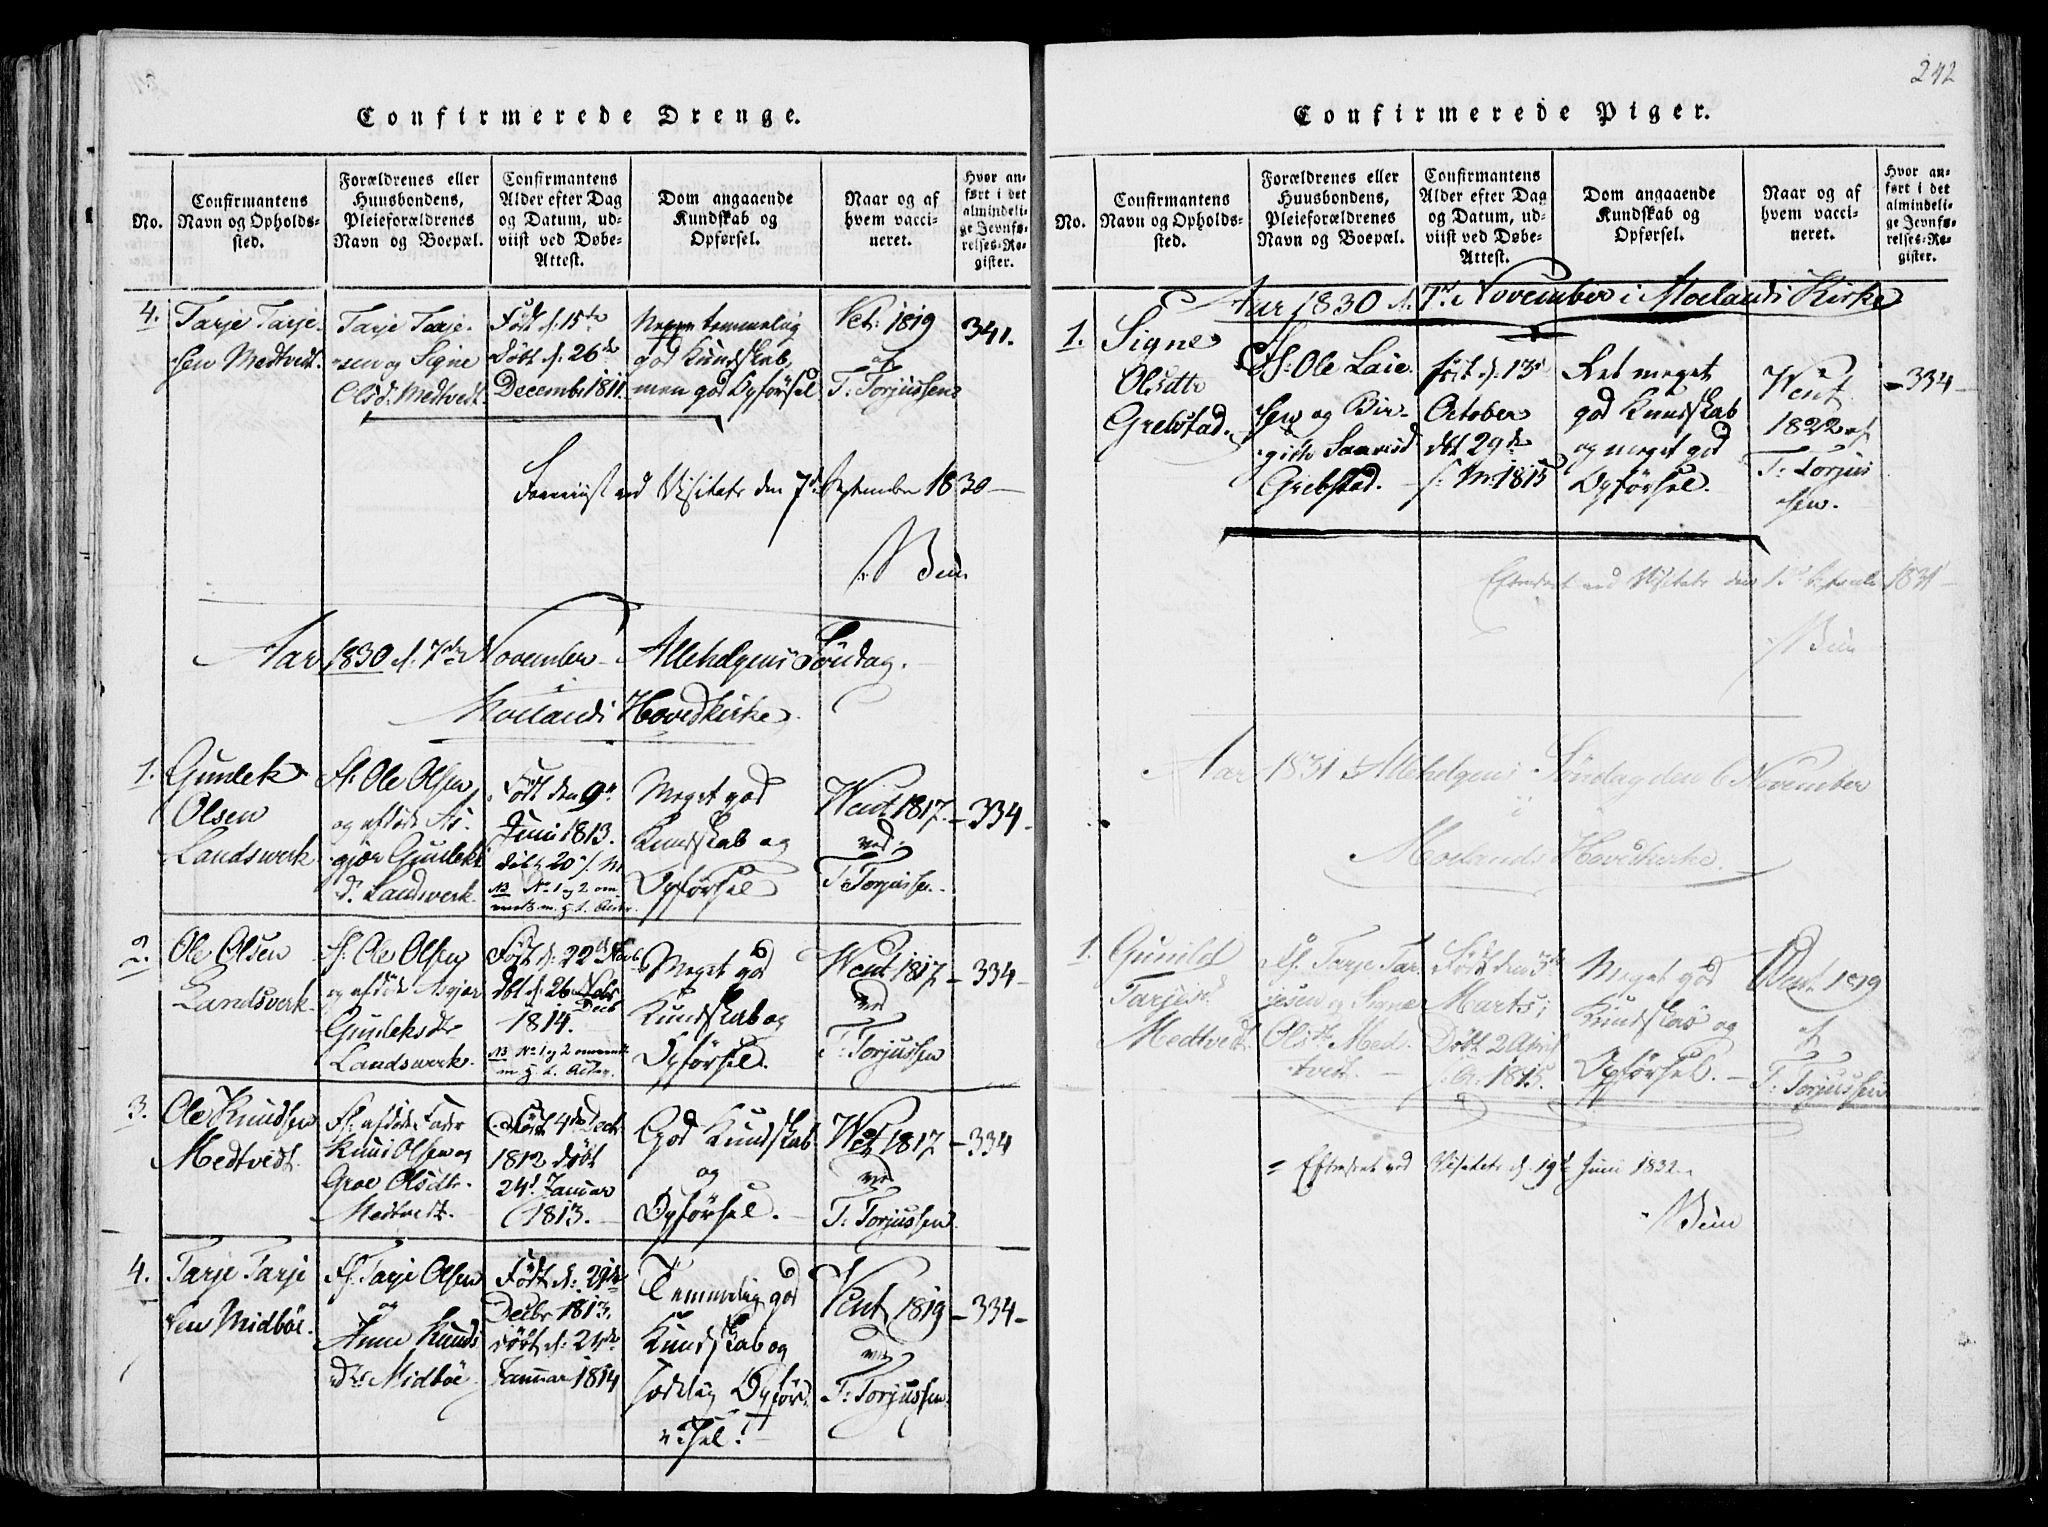 SAKO, Fyresdal kirkebøker, F/Fa/L0004: Ministerialbok nr. I 4, 1815-1854, s. 242